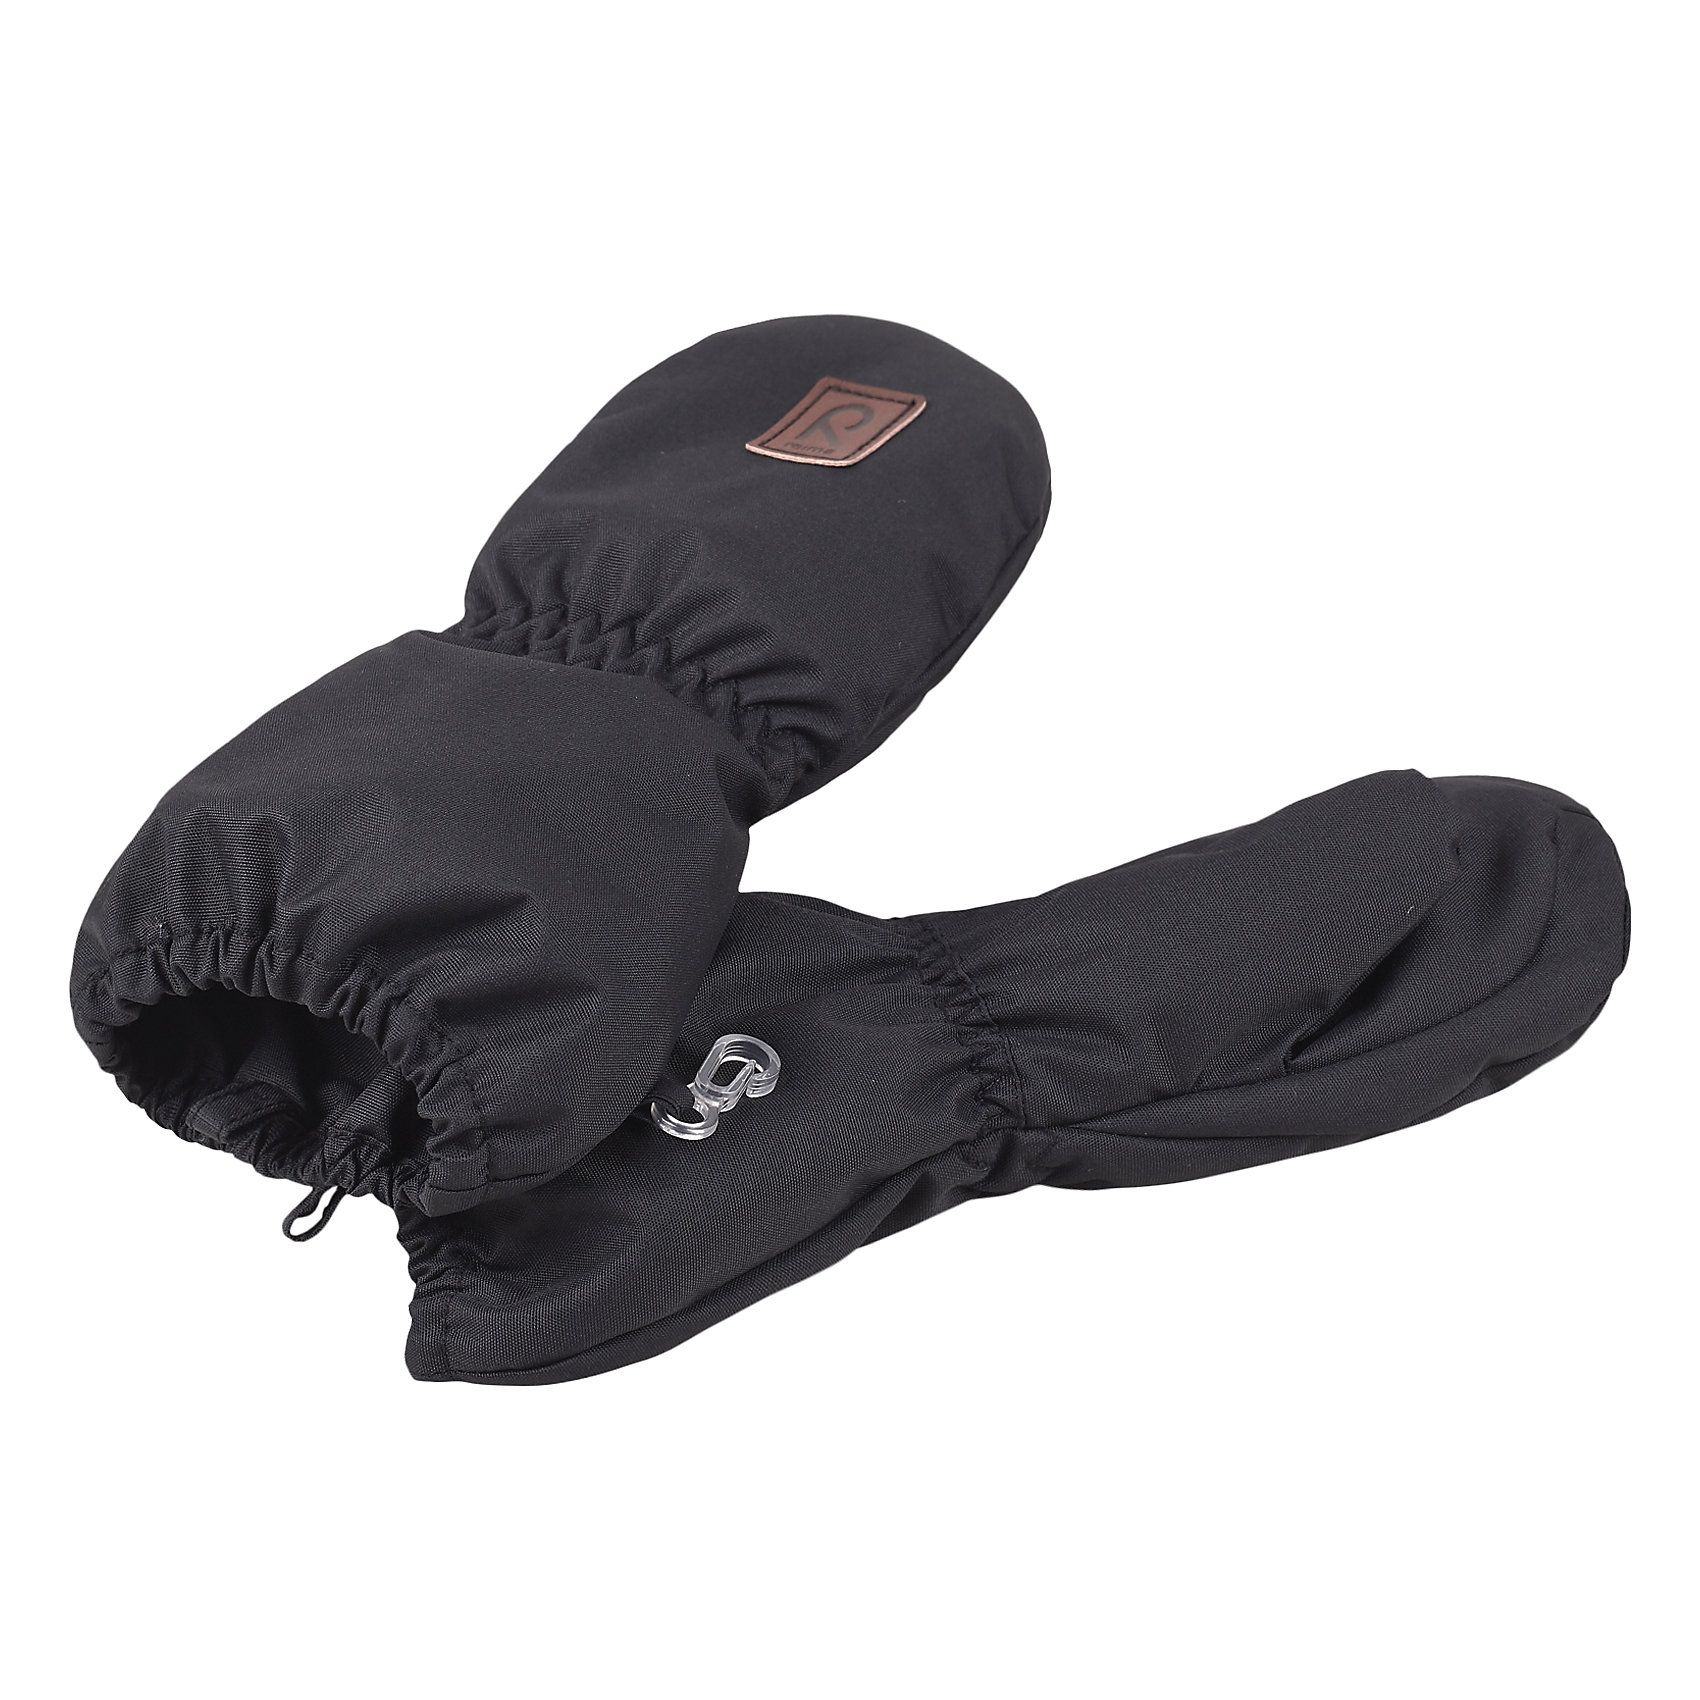 Варежки Huiske для мальчика ReimaВарежки  Reima<br>Варежки для малышей. Водонепроницаемый материал, вставки отсутствуют — товар не является водонепроницаемым. Водо- и ветронепроницаемый «дышащий» материал. Шерсть идеально поддерживает температуру. Теплая подкладка из ткани из смеси шерсти. Средняя степень утепления. Логотип Reima® спереди.<br>Утеплитель: Reima® Comfortinsulation,80 g<br>Уход:<br>Стирать по отдельности. Стирать моющим средством, не содержащим отбеливающие вещества. Полоскать без специального средства. Сушить при низкой температуре. <br>Состав:<br>100% Полиамид, полиуретановое покрытие<br><br>Ширина мм: 162<br>Глубина мм: 171<br>Высота мм: 55<br>Вес г: 119<br>Цвет: черный<br>Возраст от месяцев: 6<br>Возраст до месяцев: 18<br>Пол: Мужской<br>Возраст: Детский<br>Размер: 1,0,2<br>SKU: 4777337